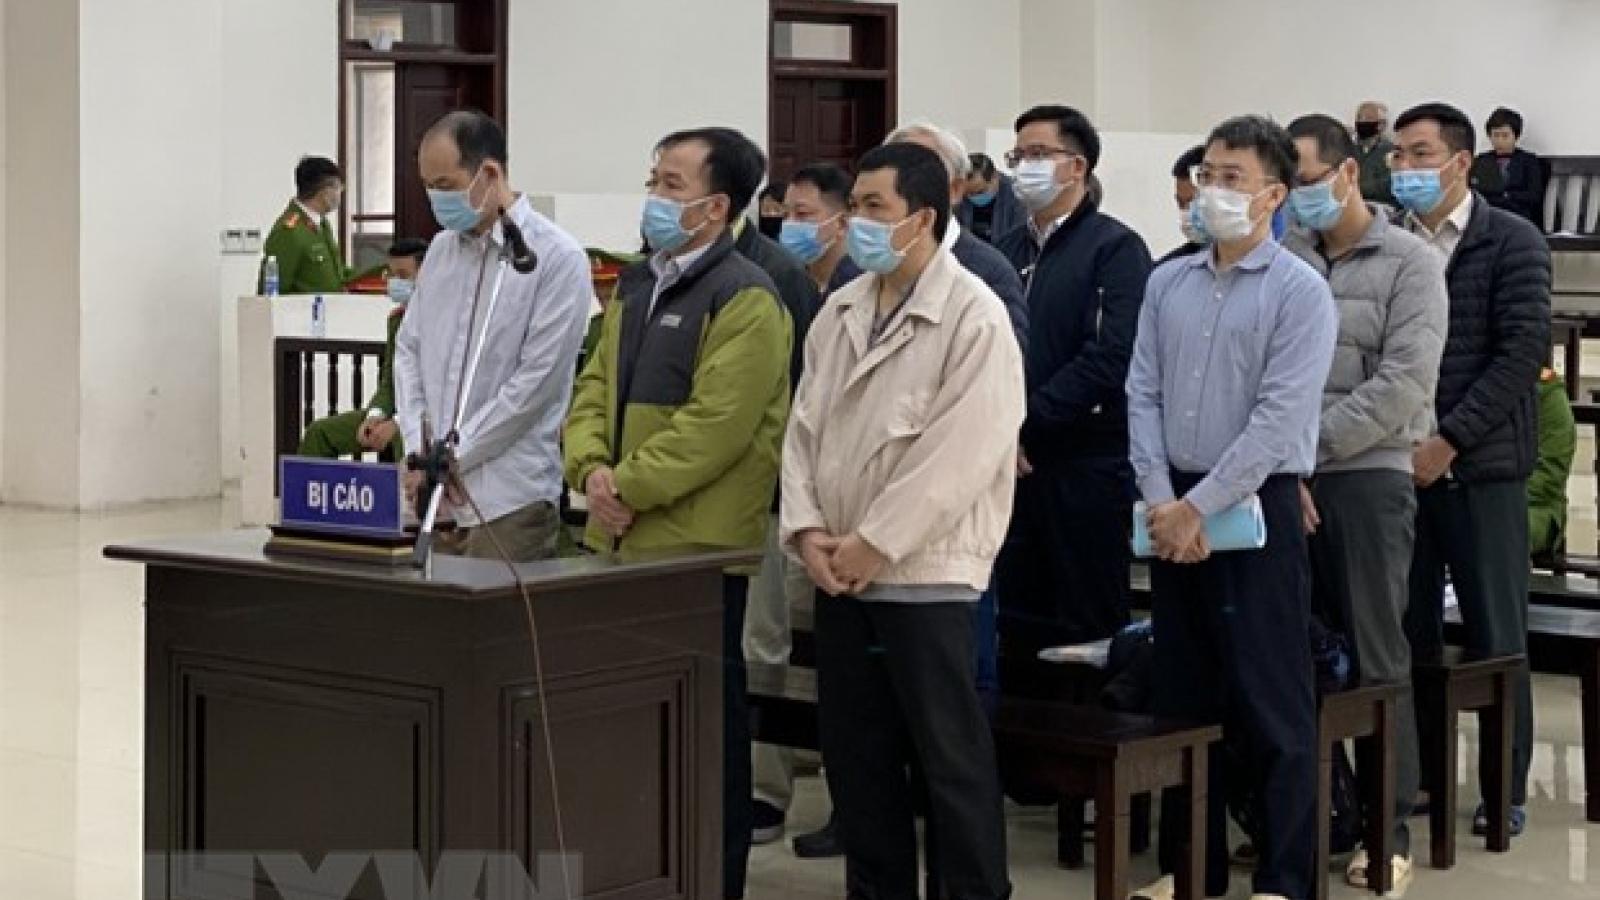 Đề nghị án 12-13 năm tù với cựu Chủ tịch Hội đồng quản trị GPBank